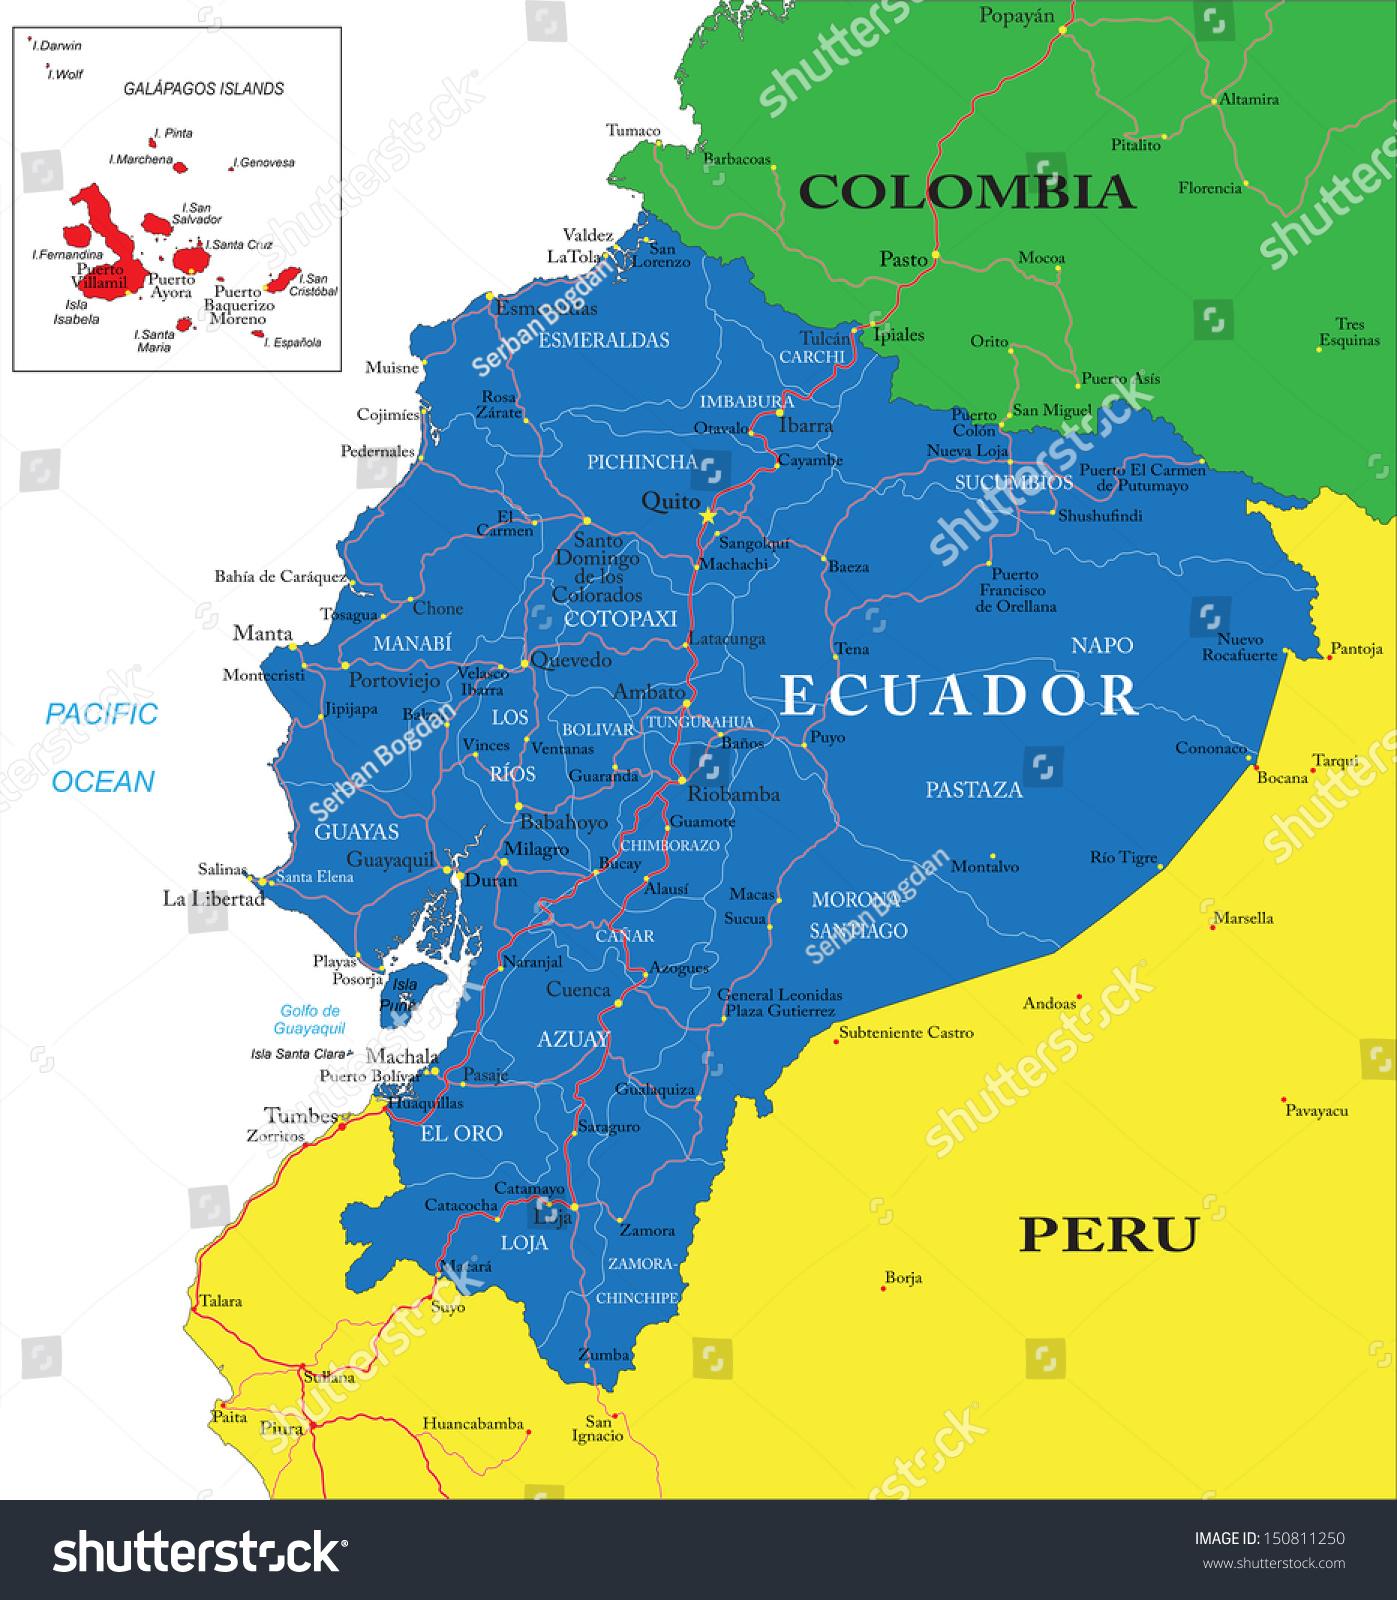 Ecuador Map Stock Vector Shutterstock - Ecuador map